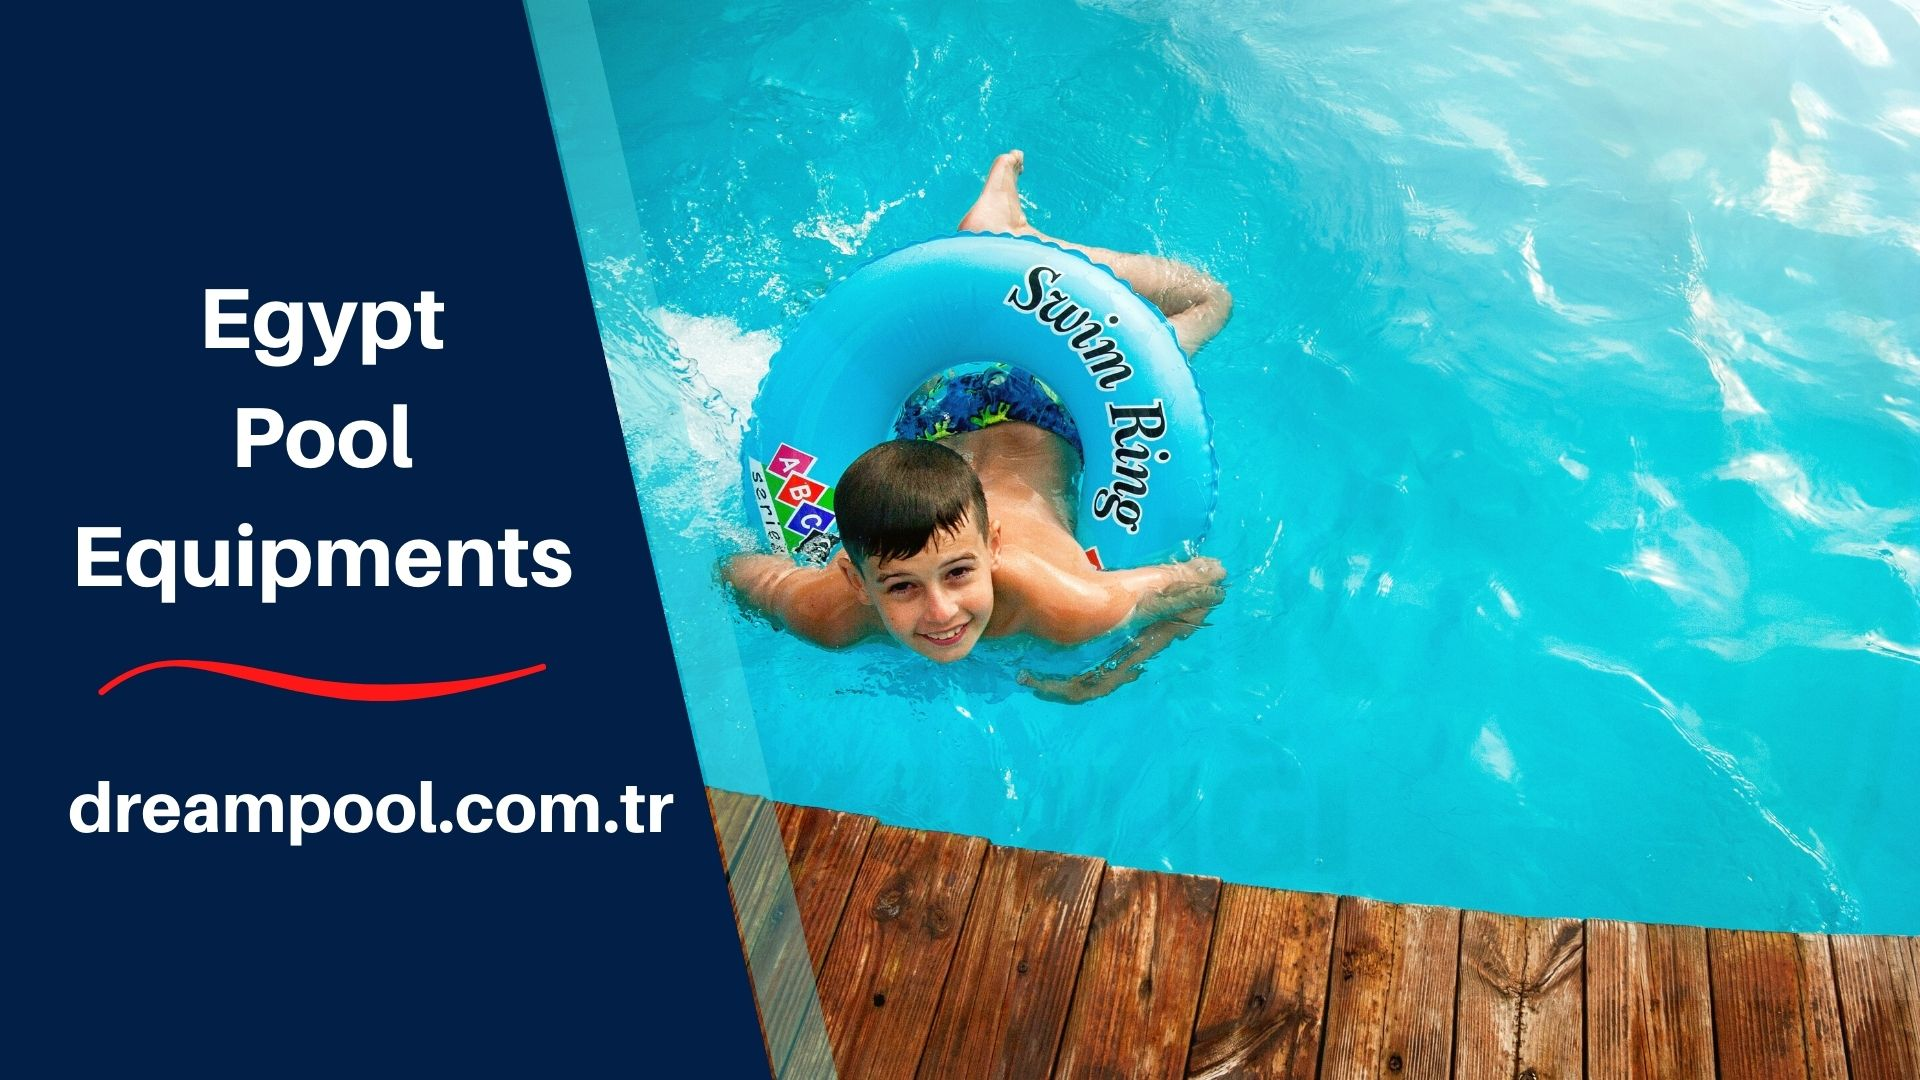 egypt-pool-equipments